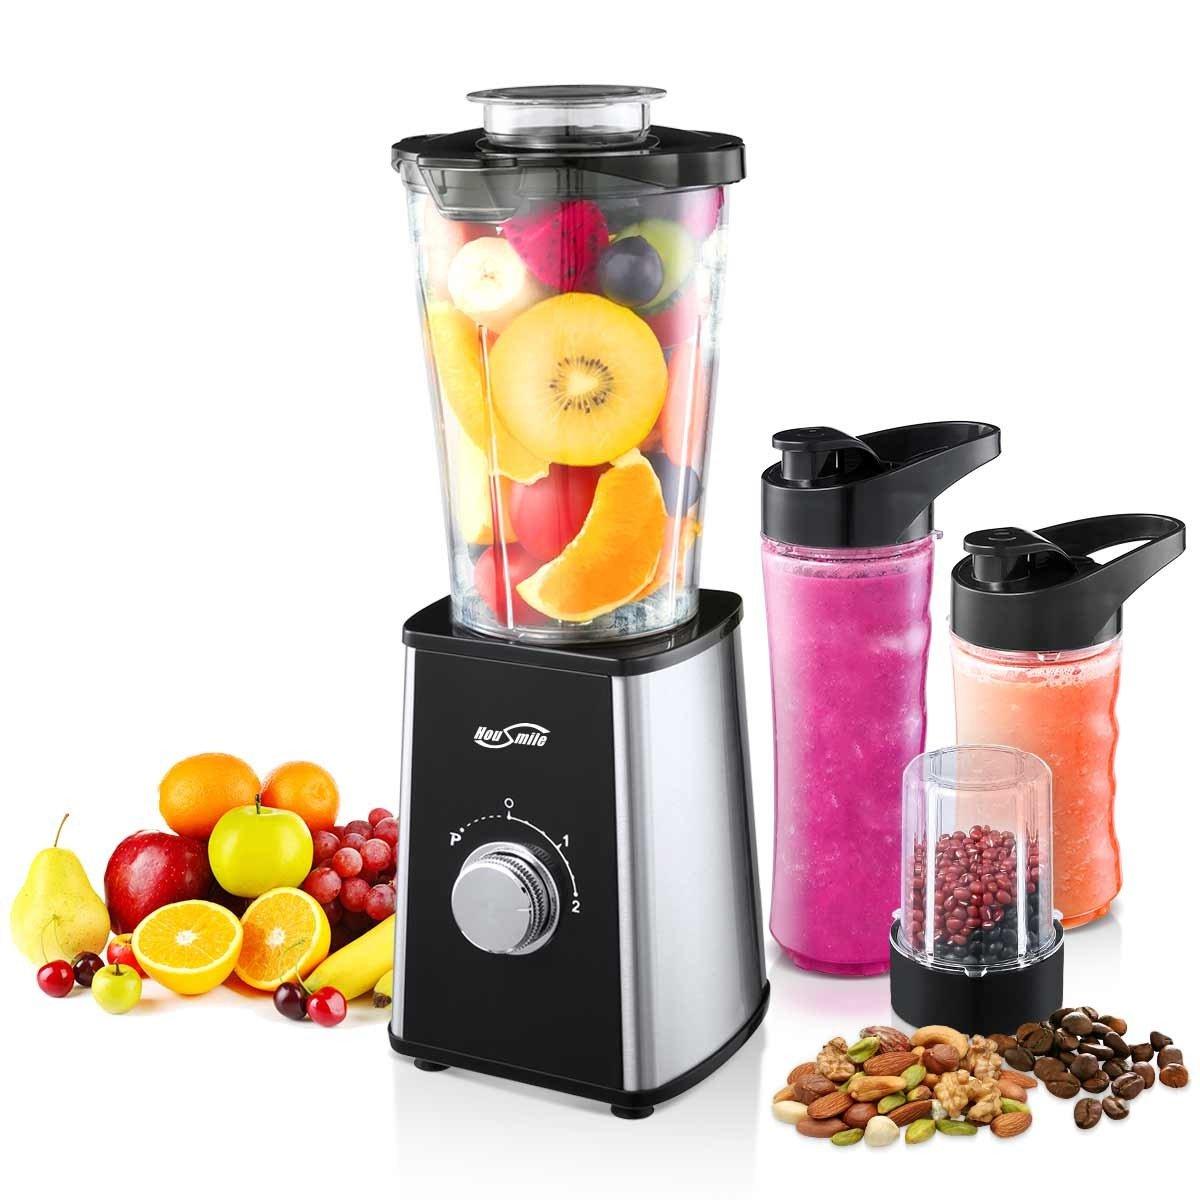 Housmile Blender, Mixer & Food Processor, Ice Crusher Grinder & Juicer